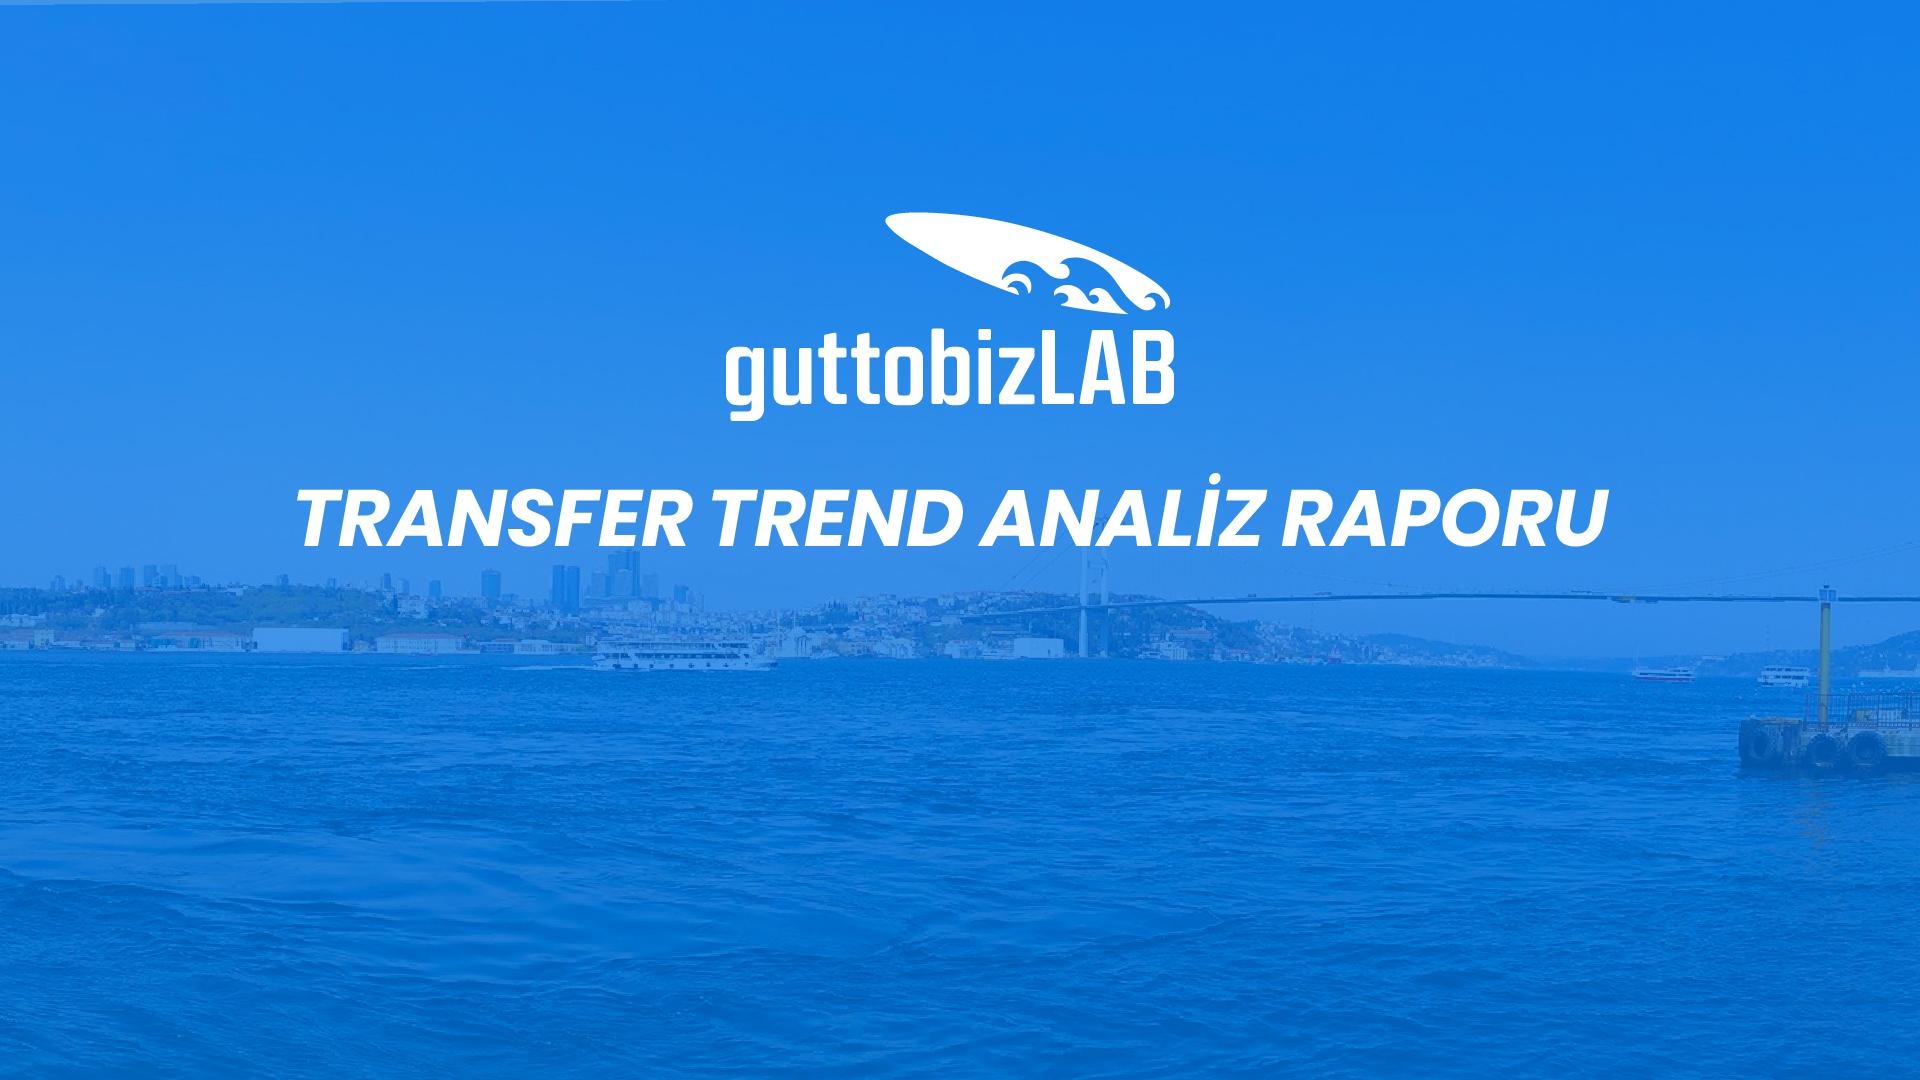 Korumalı: guttobizLAB Transfer Trend Analiz Raporu – Bölüm 1